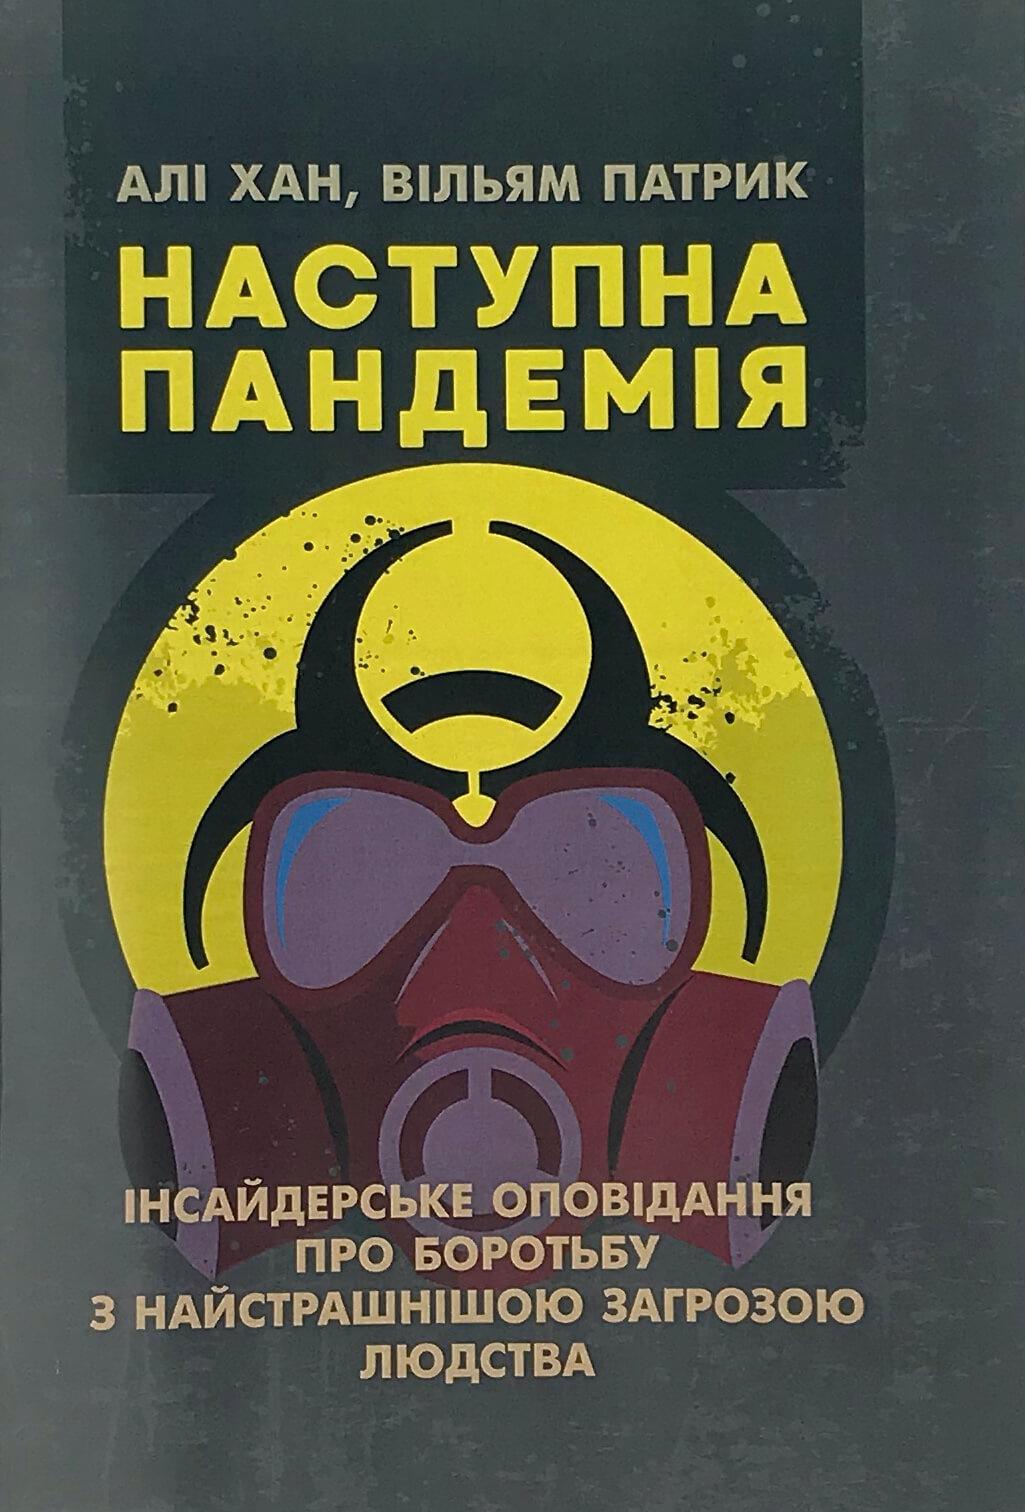 Наступна пандемія. Інсайдерське оповідання про боротьбу з найстрашнішою загрозою людства.